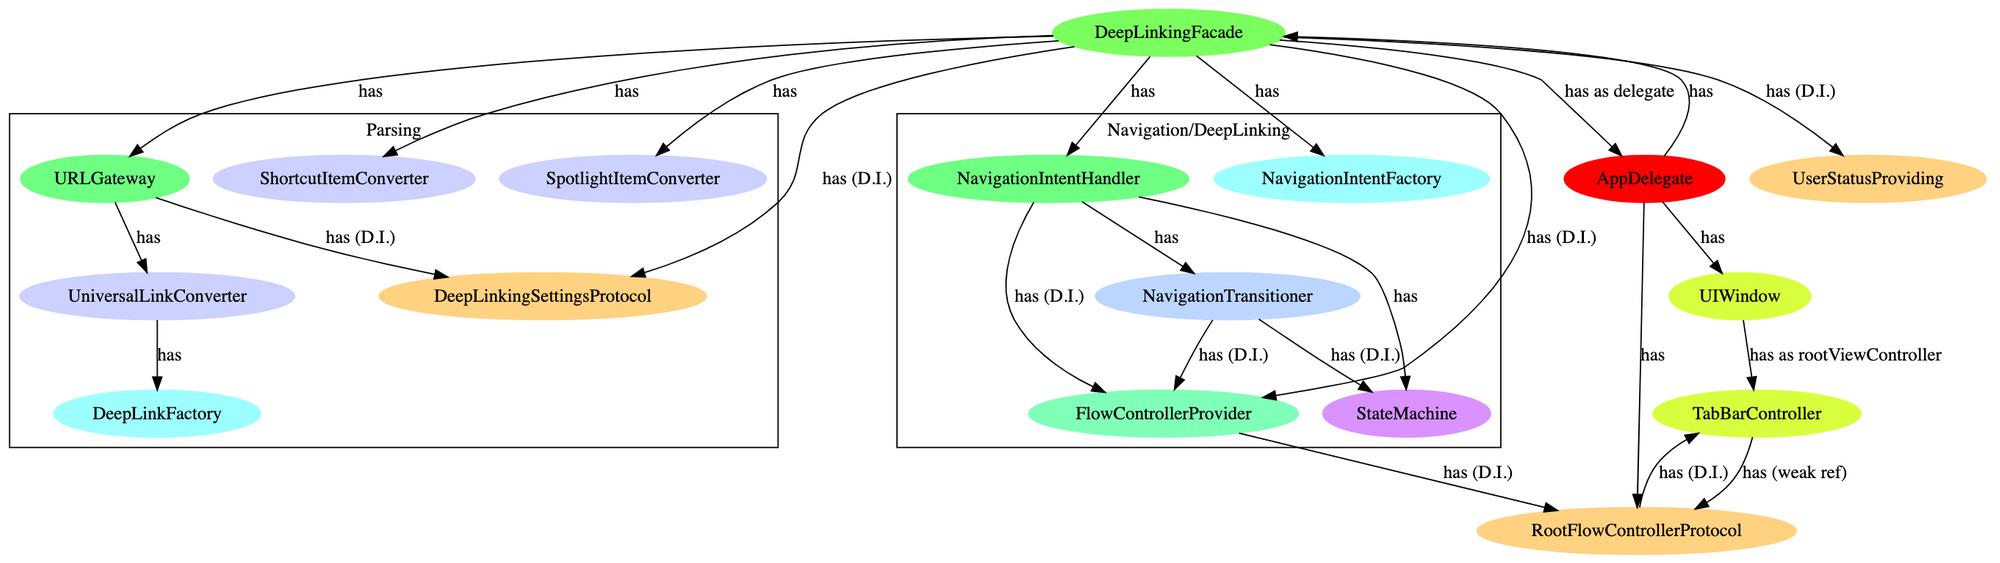 class_diagram_demo